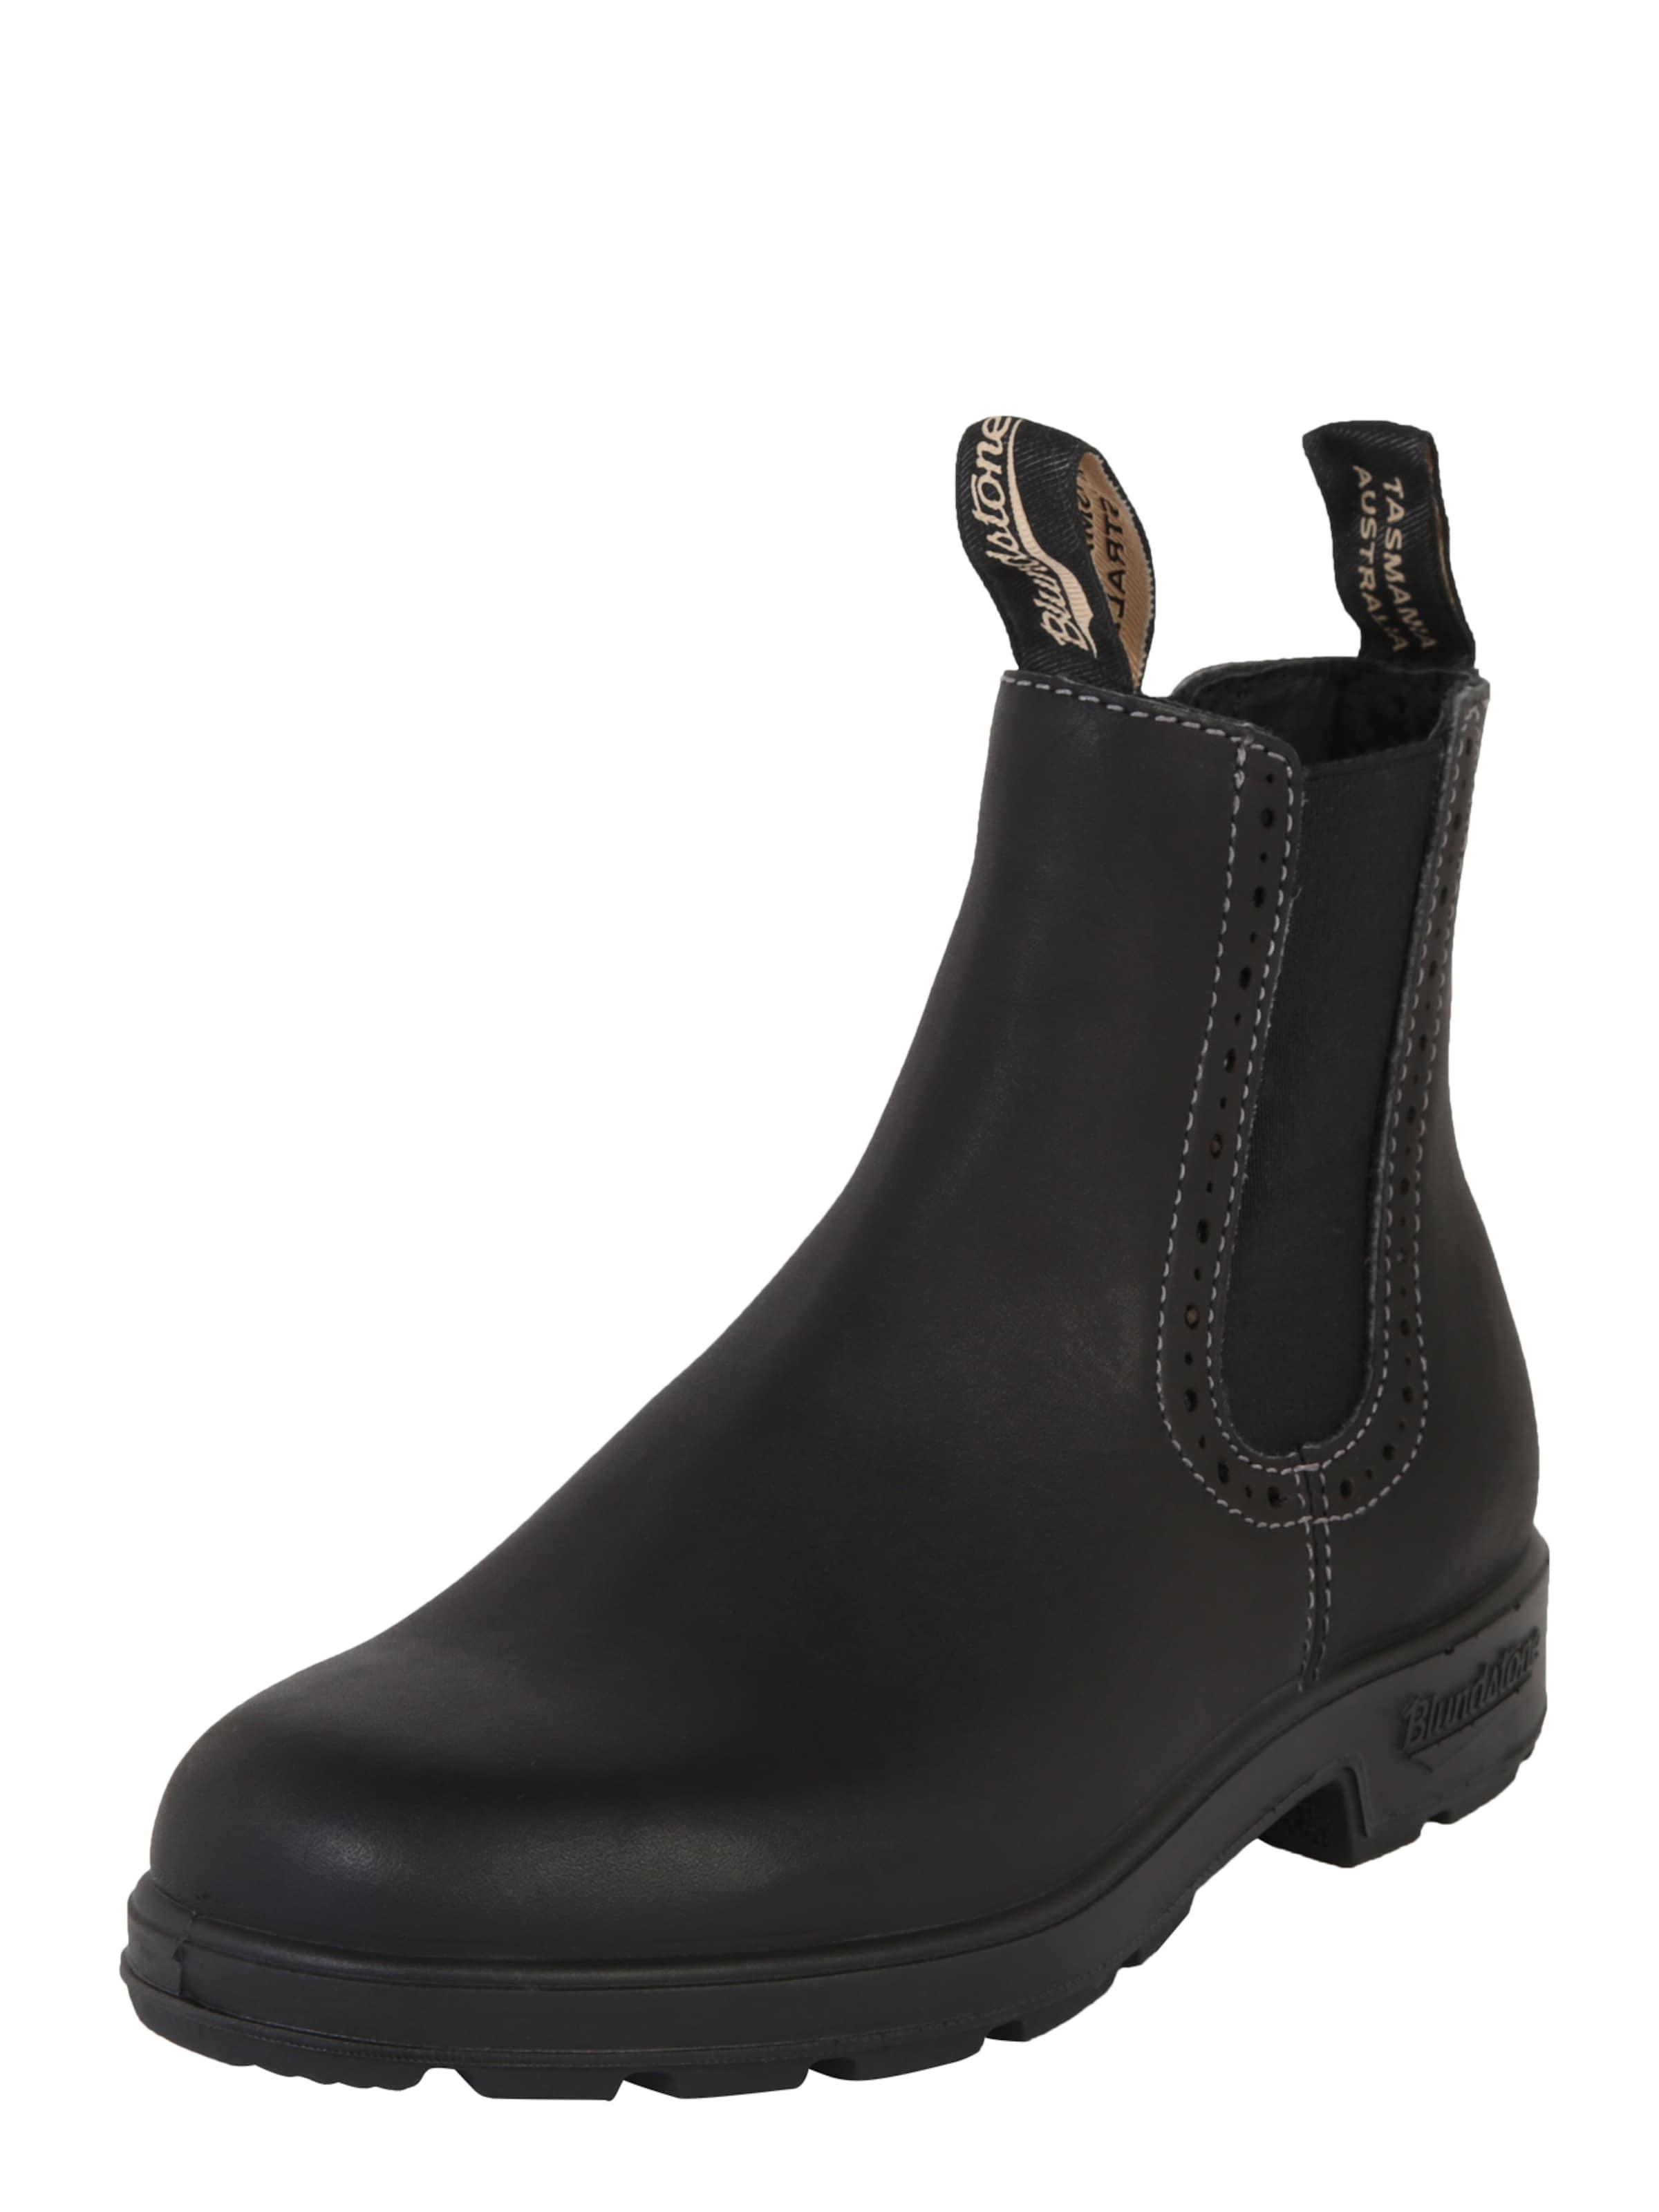 Blundstone '1448' '1448' En En Blundstone Boots Boots Noir Blundstone Noir uiOPXkZ